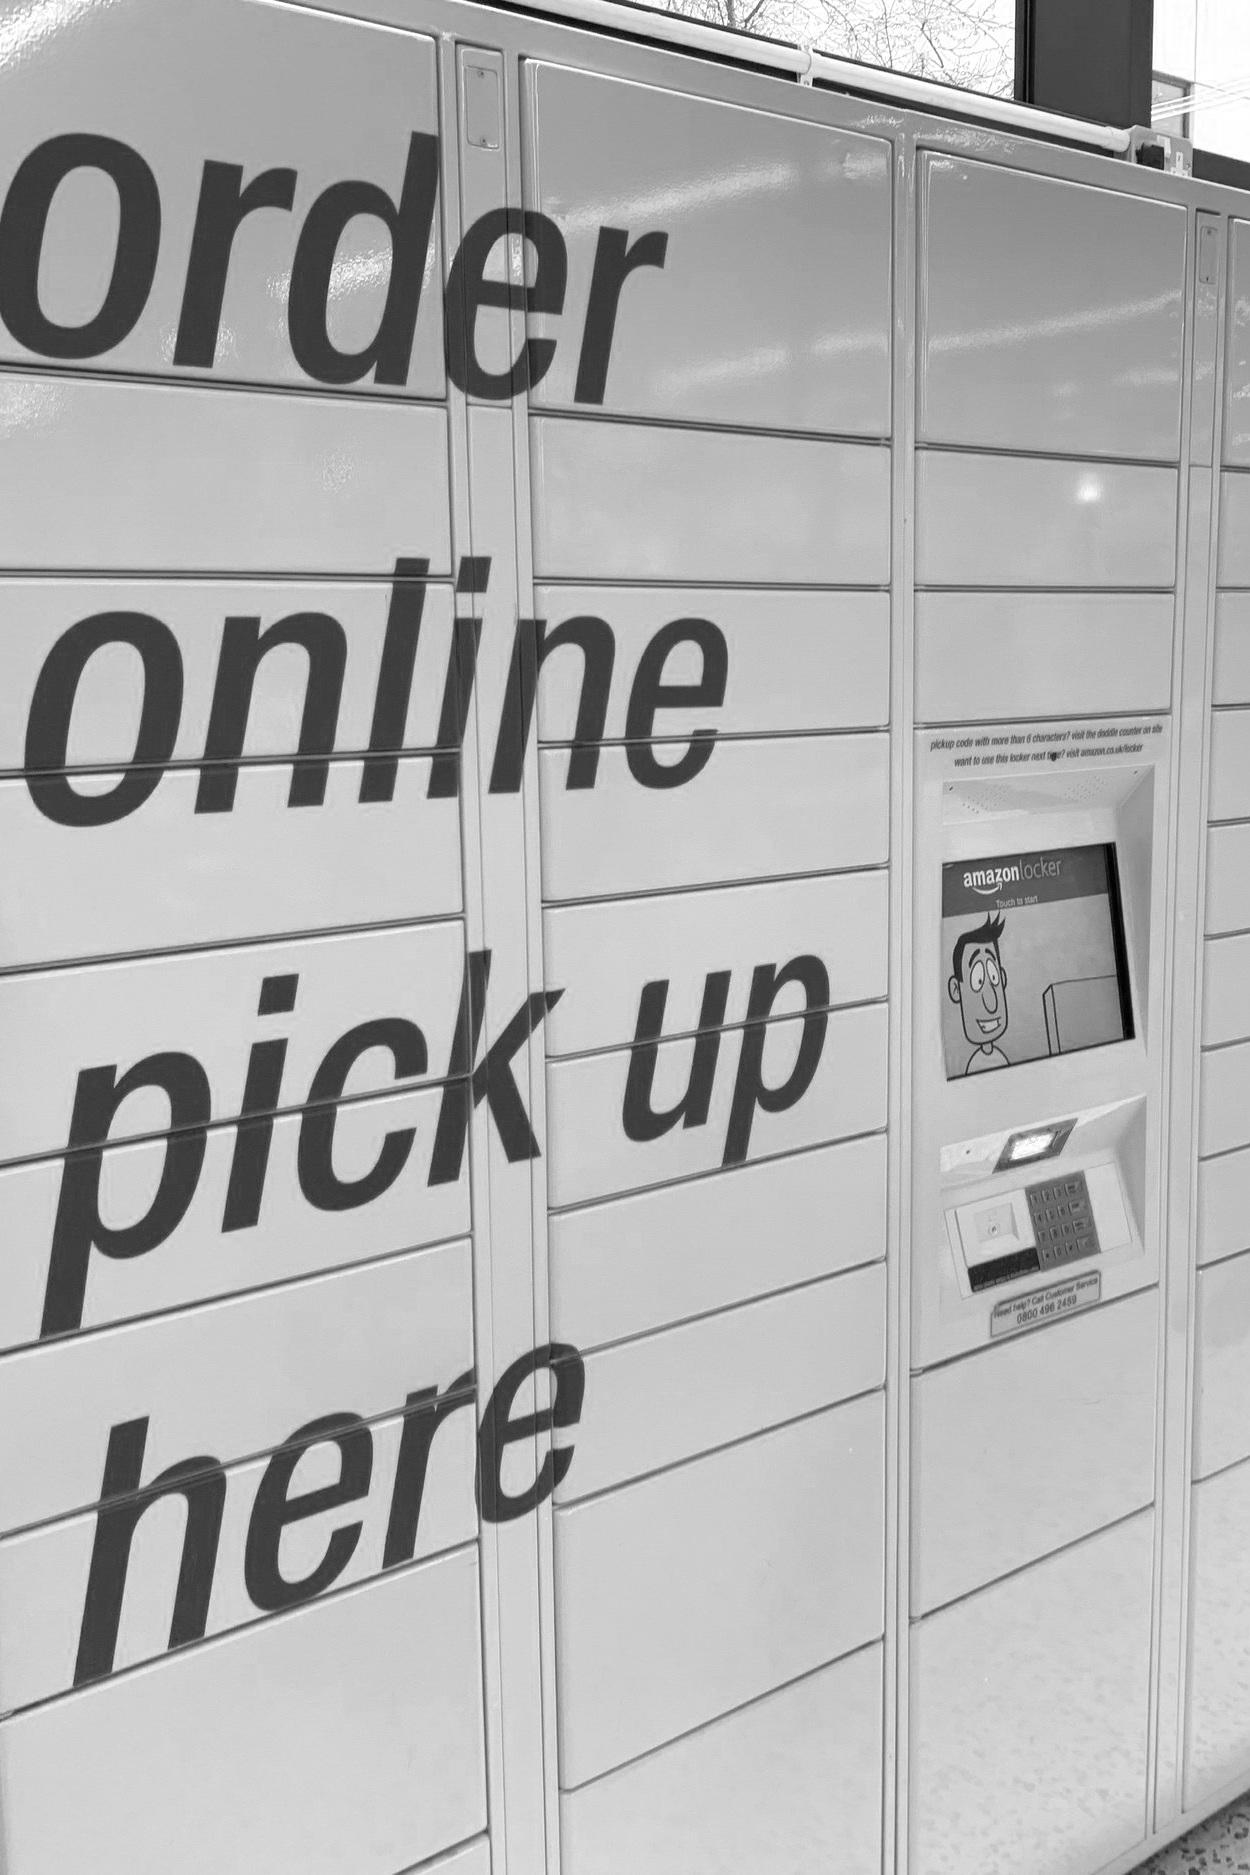 """O2O - Repko ontwikkelt effectieve strategieën die een sterk perspectief creëren. Zijn focus is omni channel, uitgaand van het feit dat klant-voorkeuren ineens kunnen veranderen en verschillen.Hij start met unieke klant-inzichten en bewezen merkmodellen. Zowel Nederlandse als internationale cases worden gebruikt om sales funnels en onderscheid te versterken. Innovatie zit in de kern van zijn benadering.In zijn achtergrond zitten zowel Europese winkelmerken als e-commerce proposities, hij combineert die met inzichten vanuit Harvard Business School en recente internationale retail safari's.Hij is een groot bewonderaar van China's """"new retail"""" omdat het de ultieme verbeelding is van een nieuw revolutionair concept, waarmee de on en offline ervaring (O2O) volledig wordt geïntegreerd."""